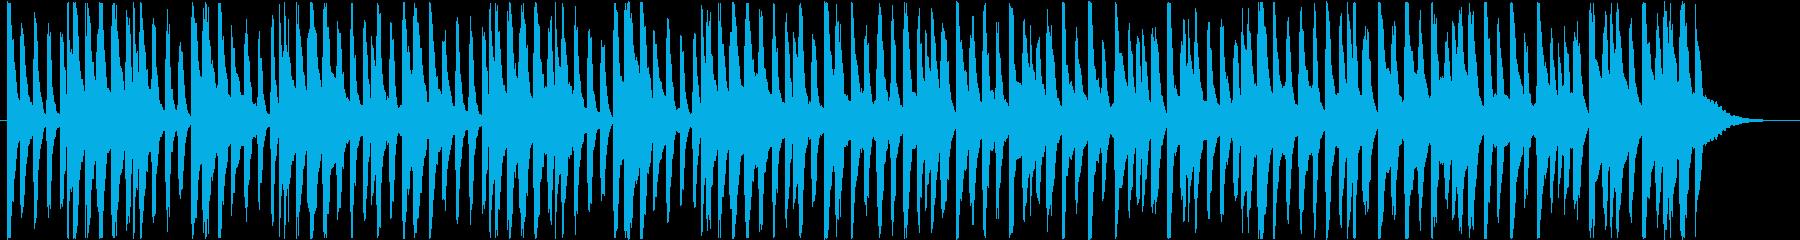 楽しくコミカルなBGM(60秒ver)の再生済みの波形